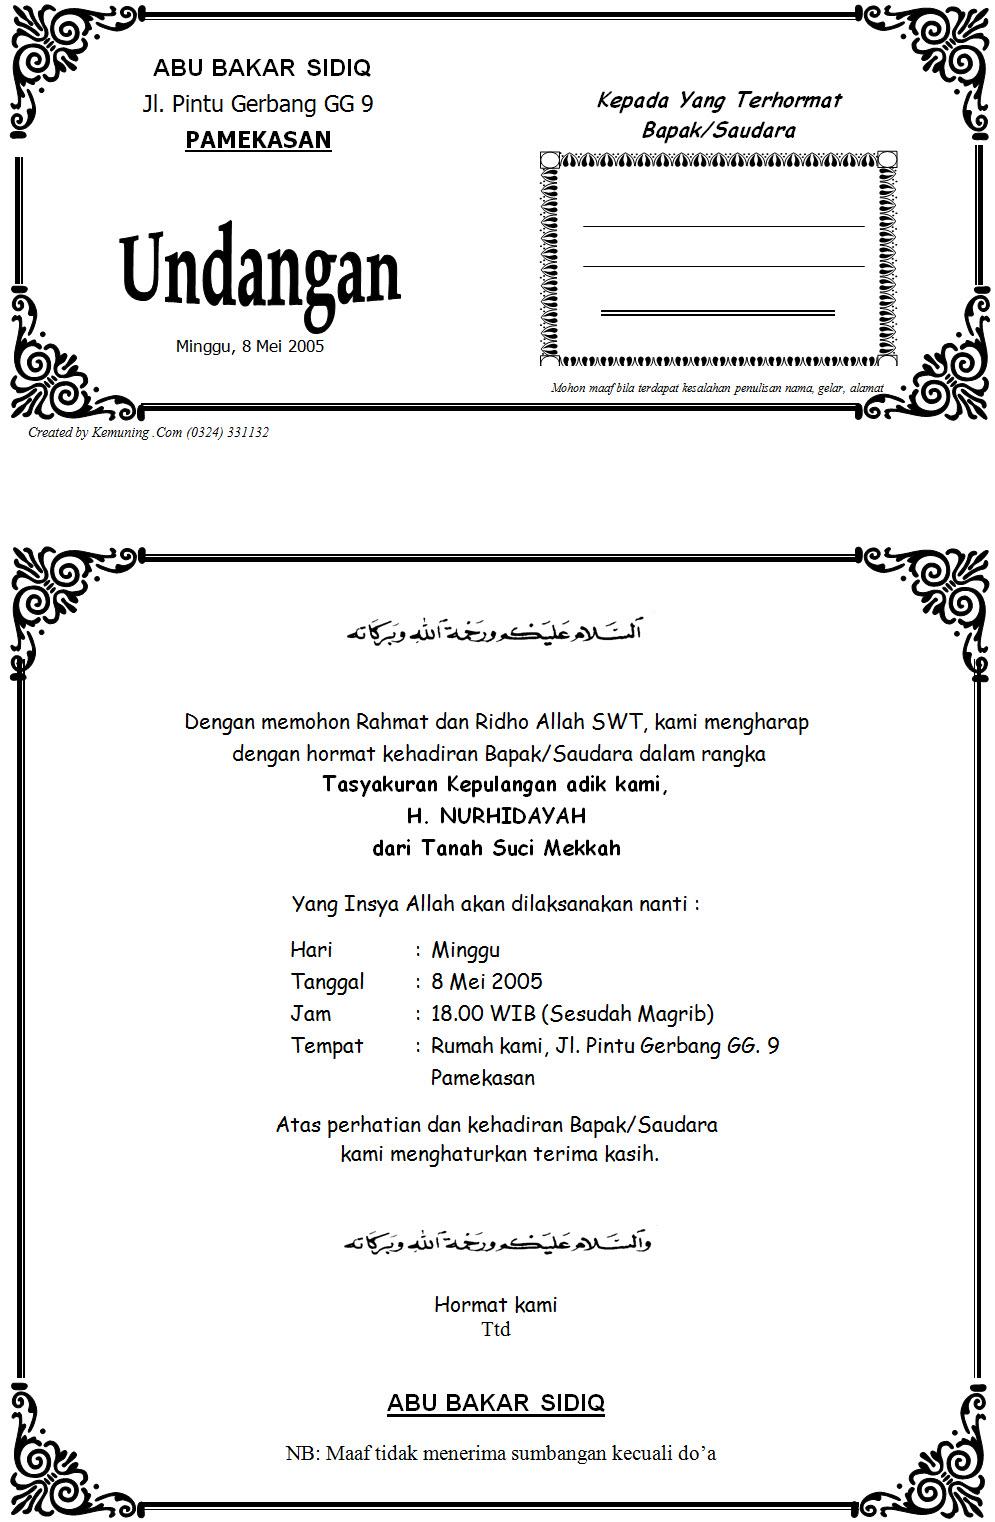 Download Contoh Desain Undangan Tasyakuran Haji